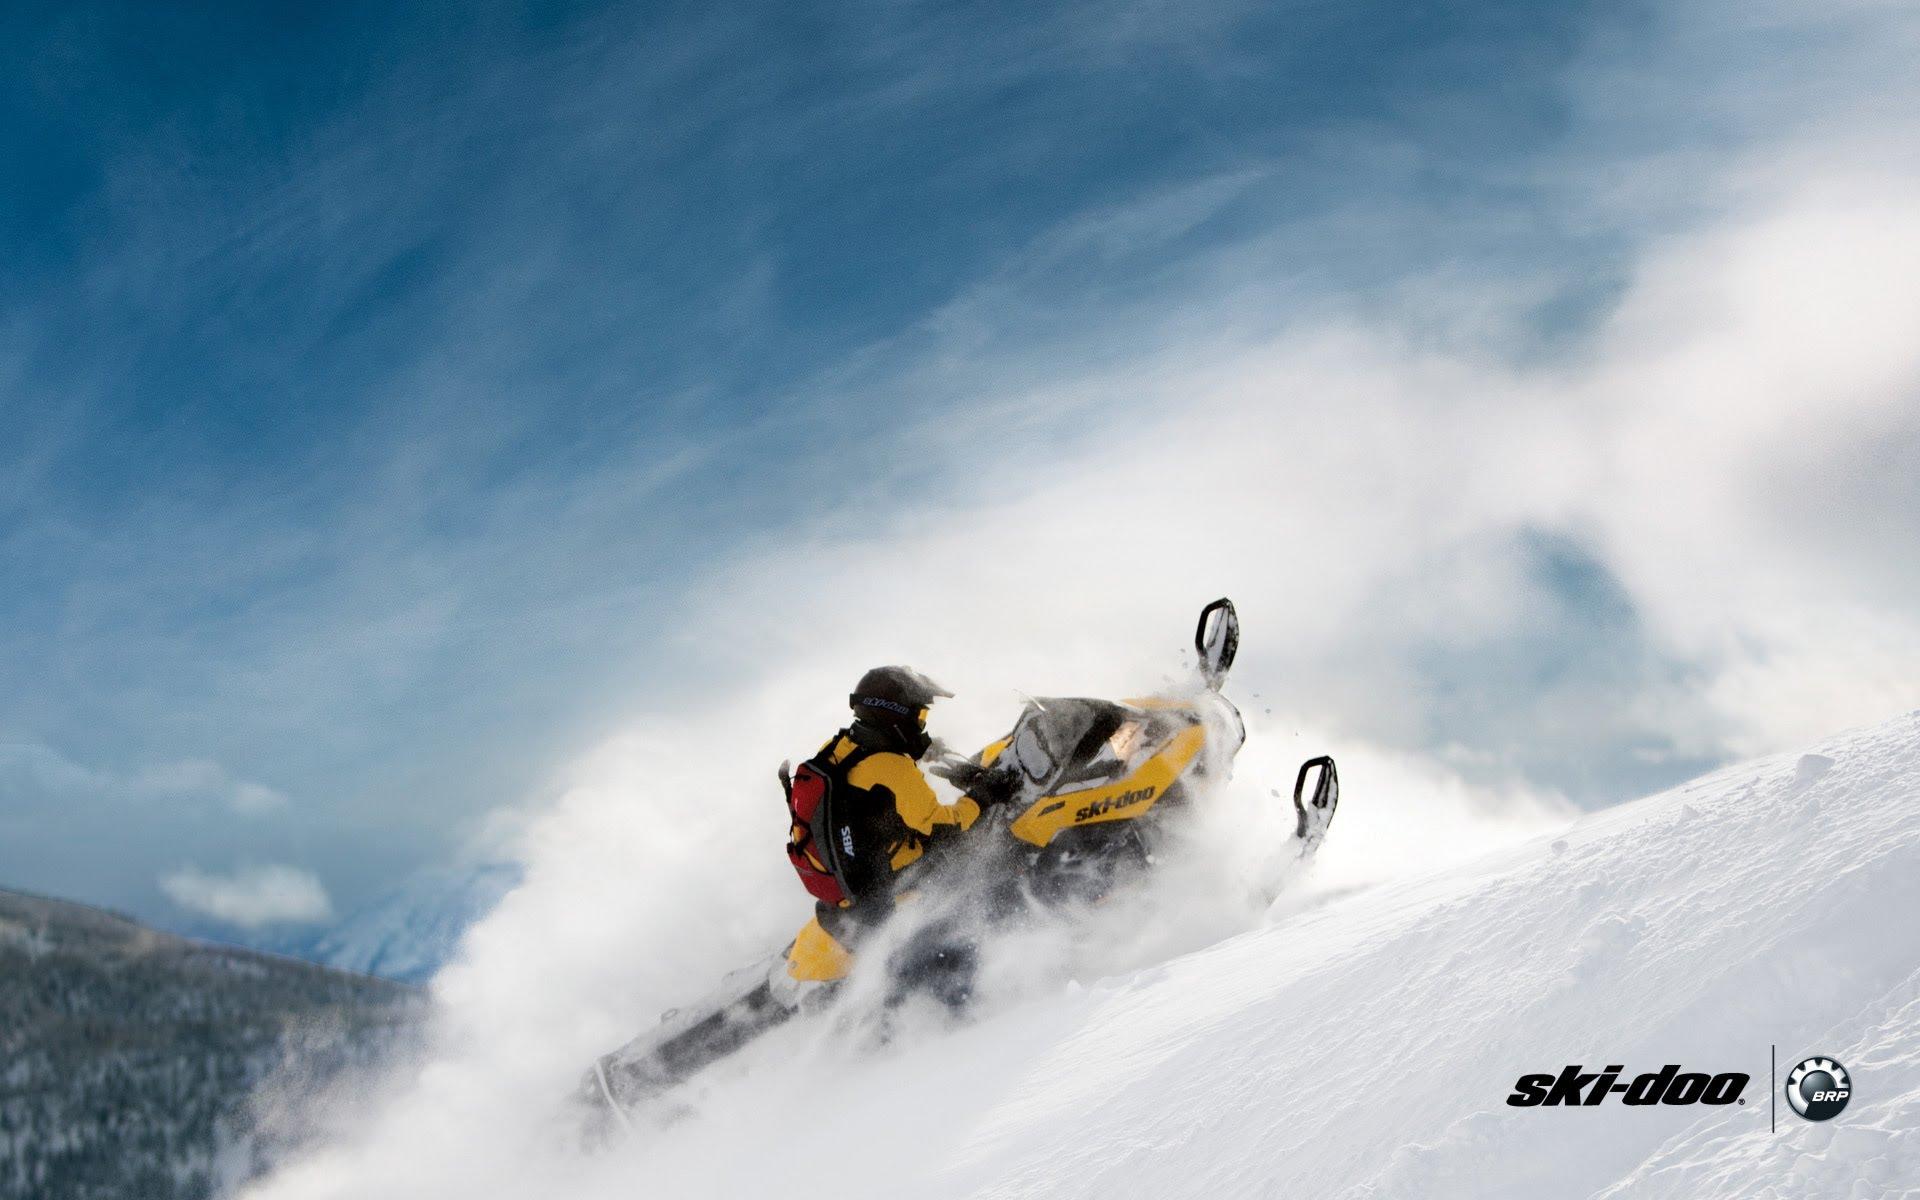 Download Ski Doo 2788